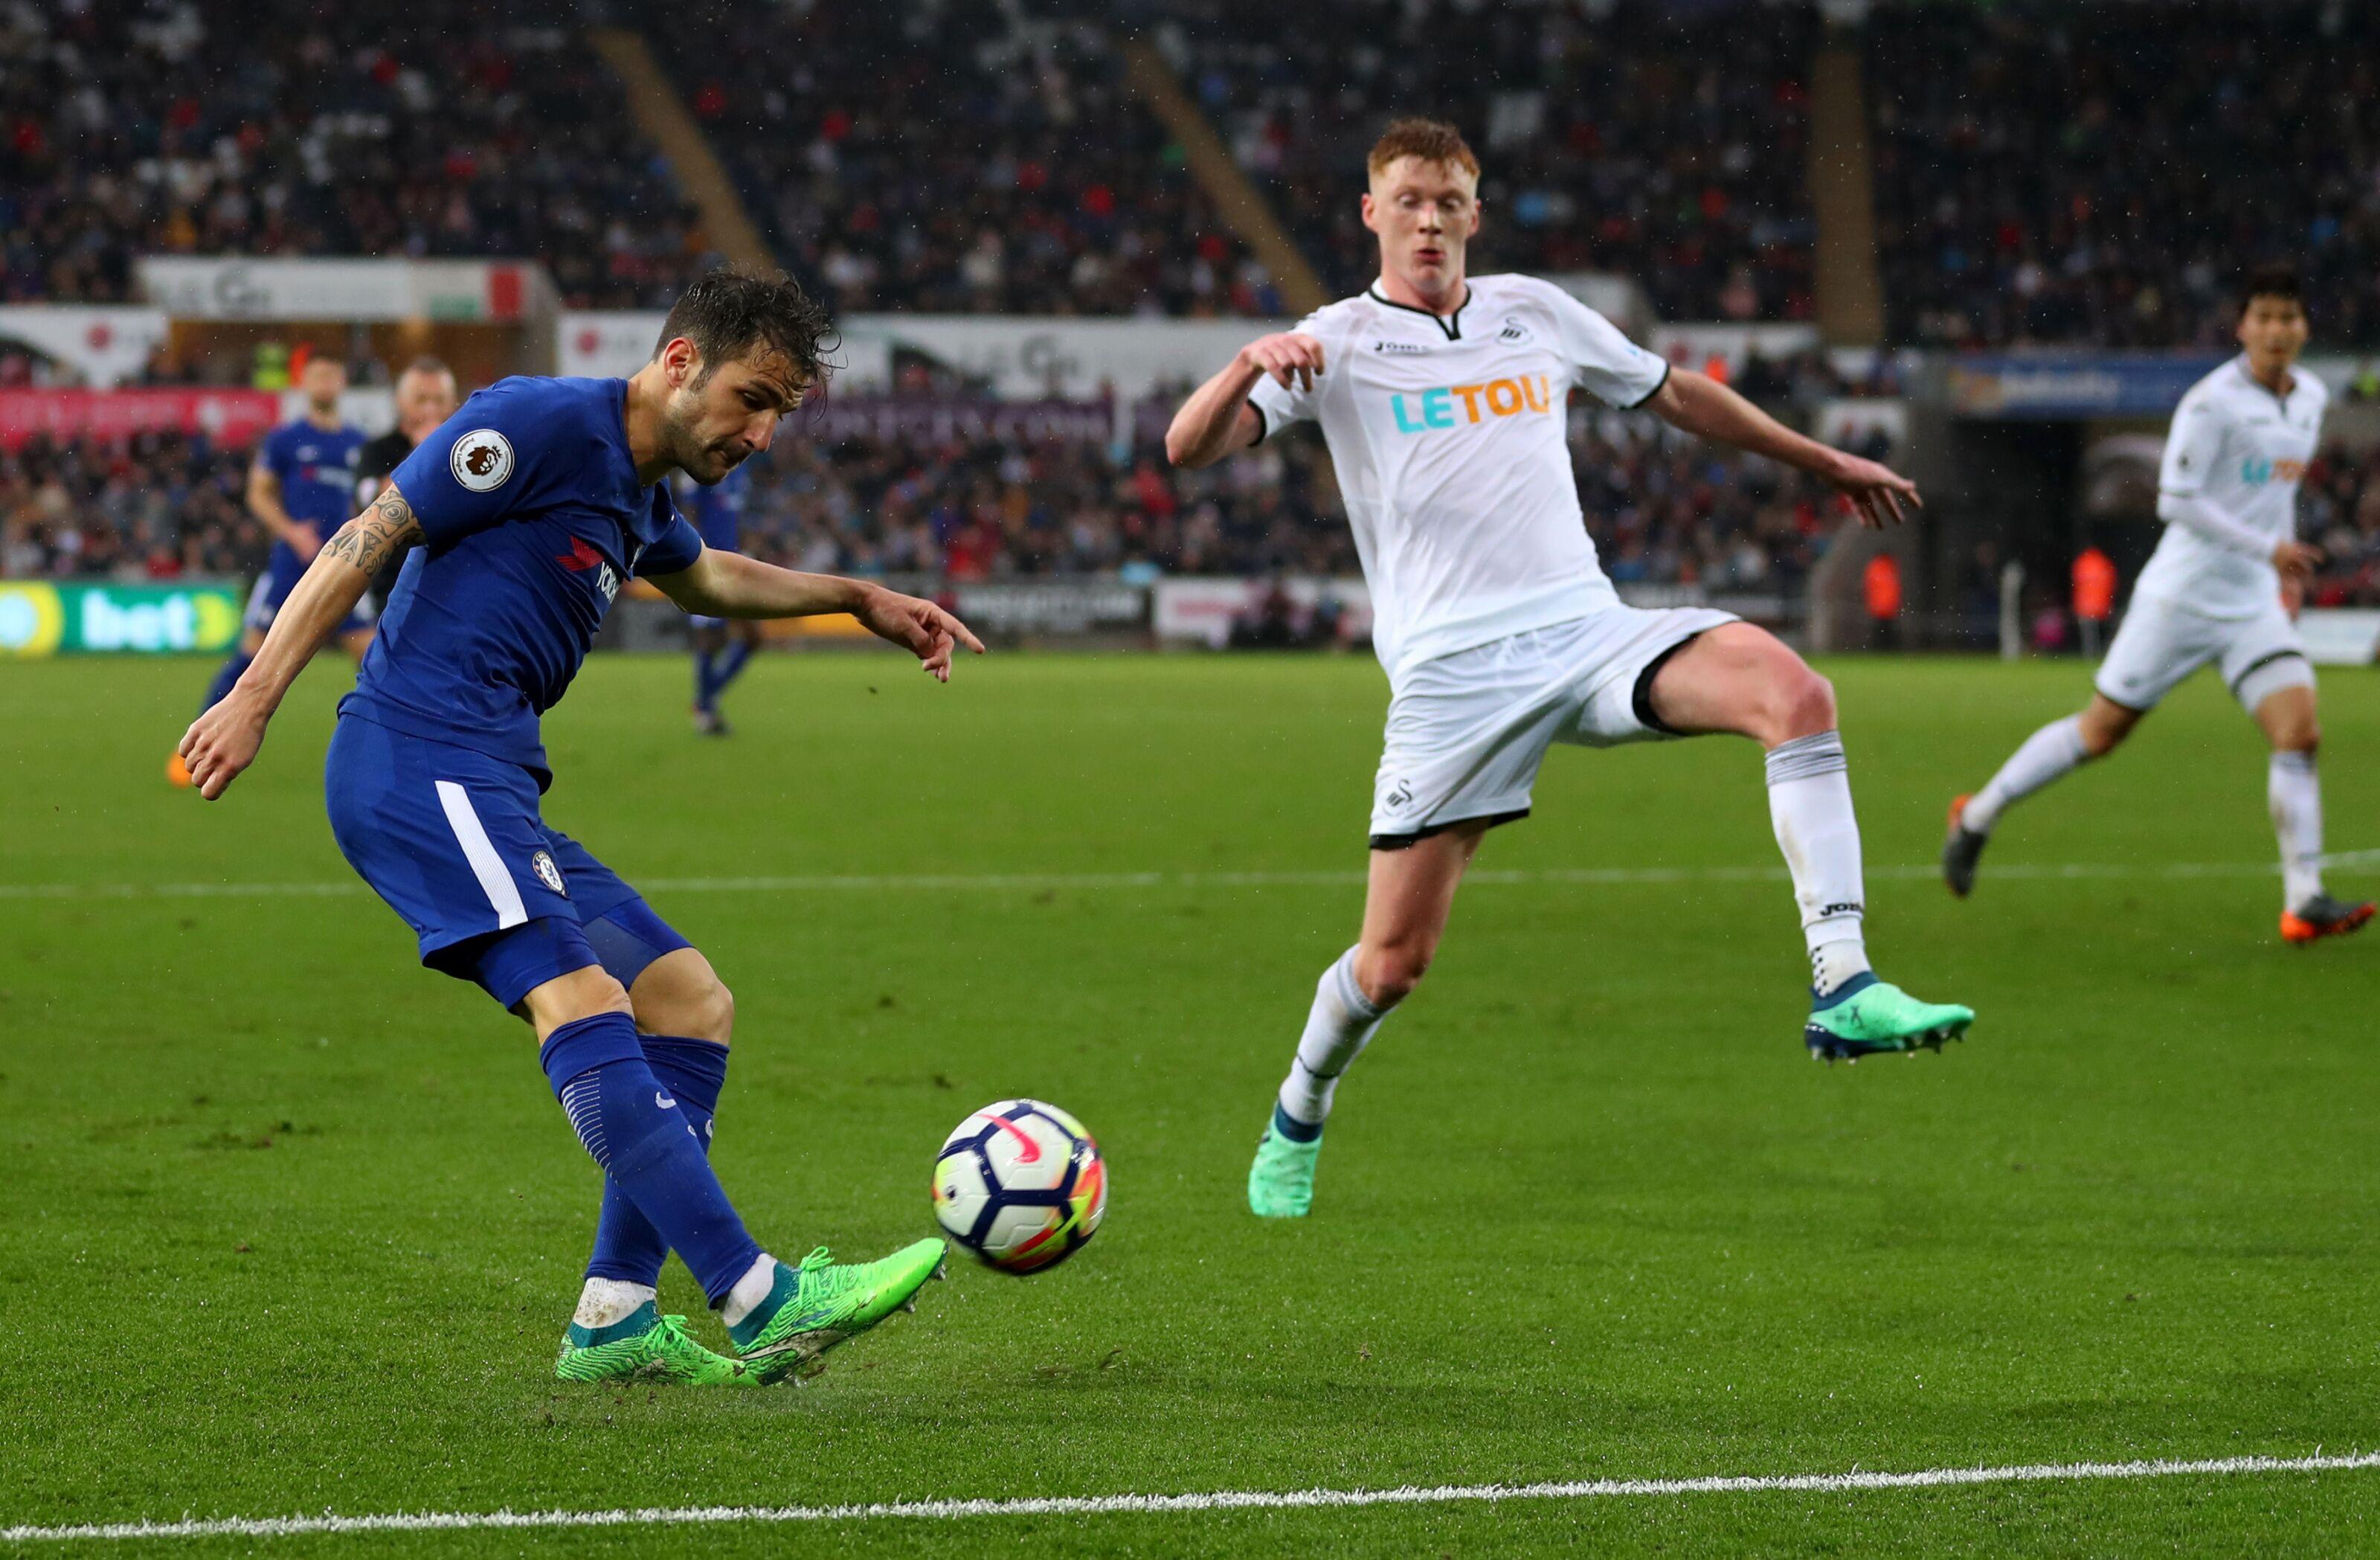 City Vs Chelsea: Newcastle Vs. Chelsea Live Stream: Watch Premier League Online